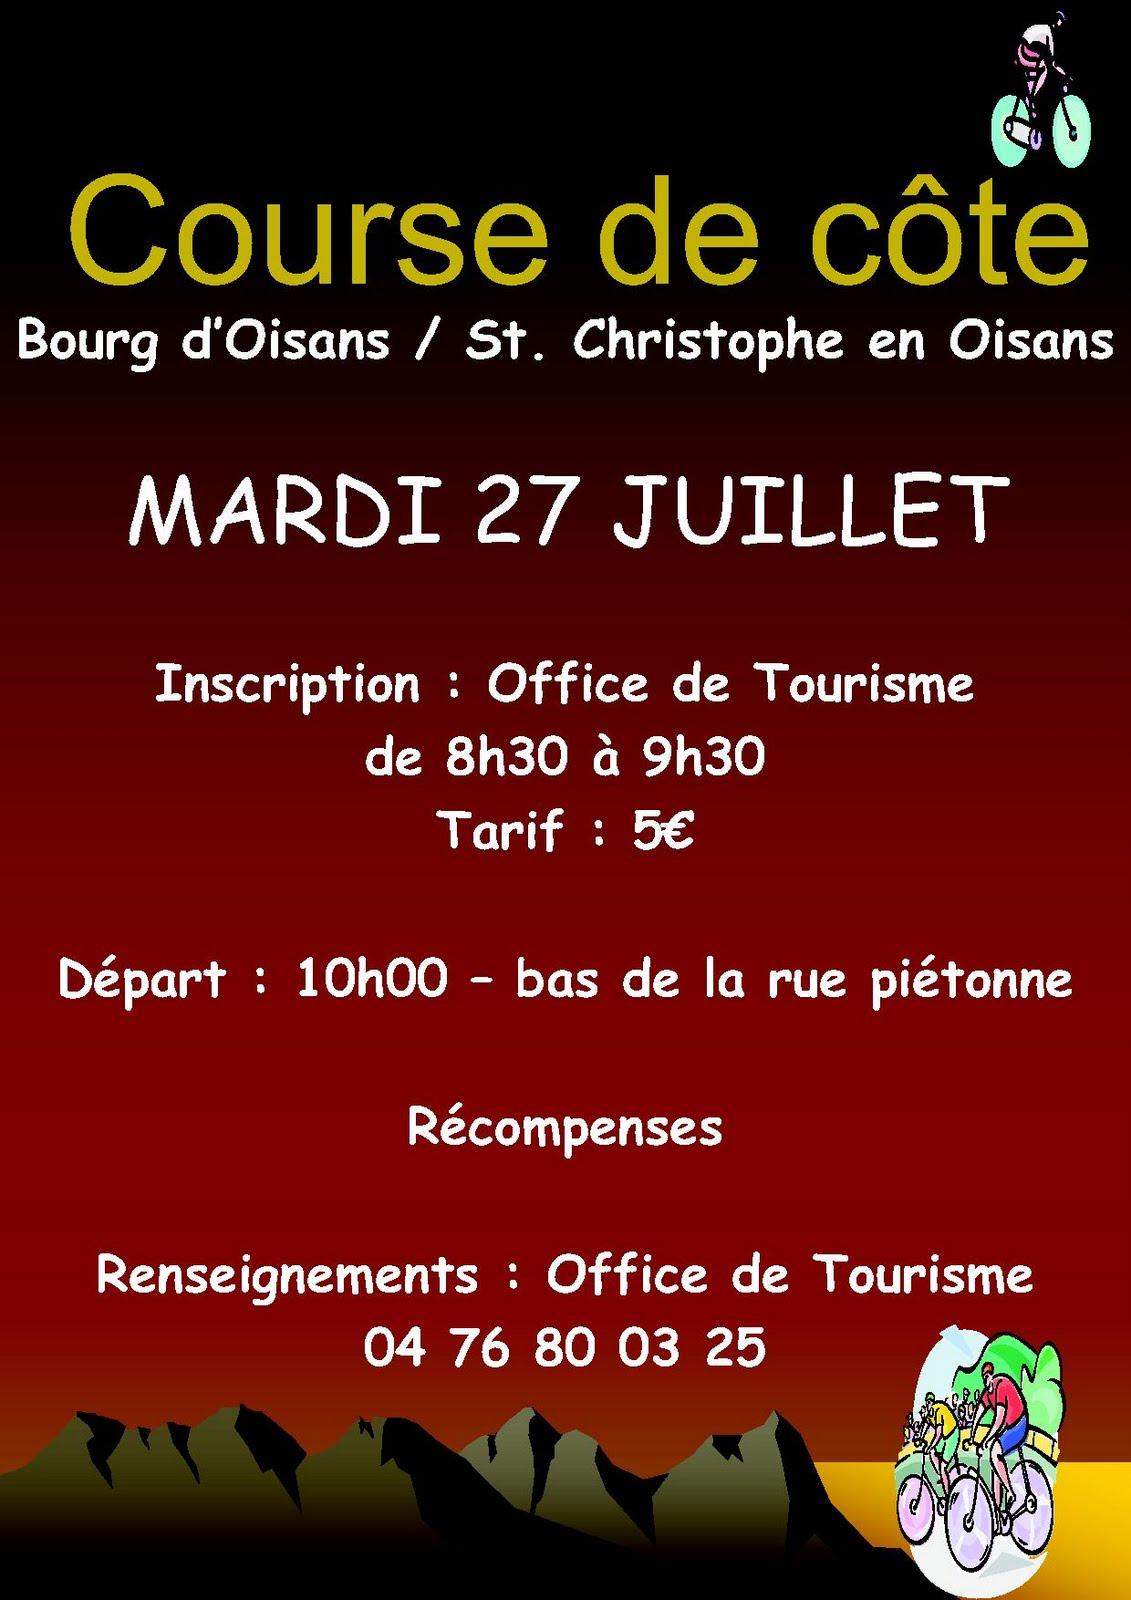 News de l 39 office de tourisme bourg d 39 oisans pour les - Le bourg d oisans office de tourisme ...